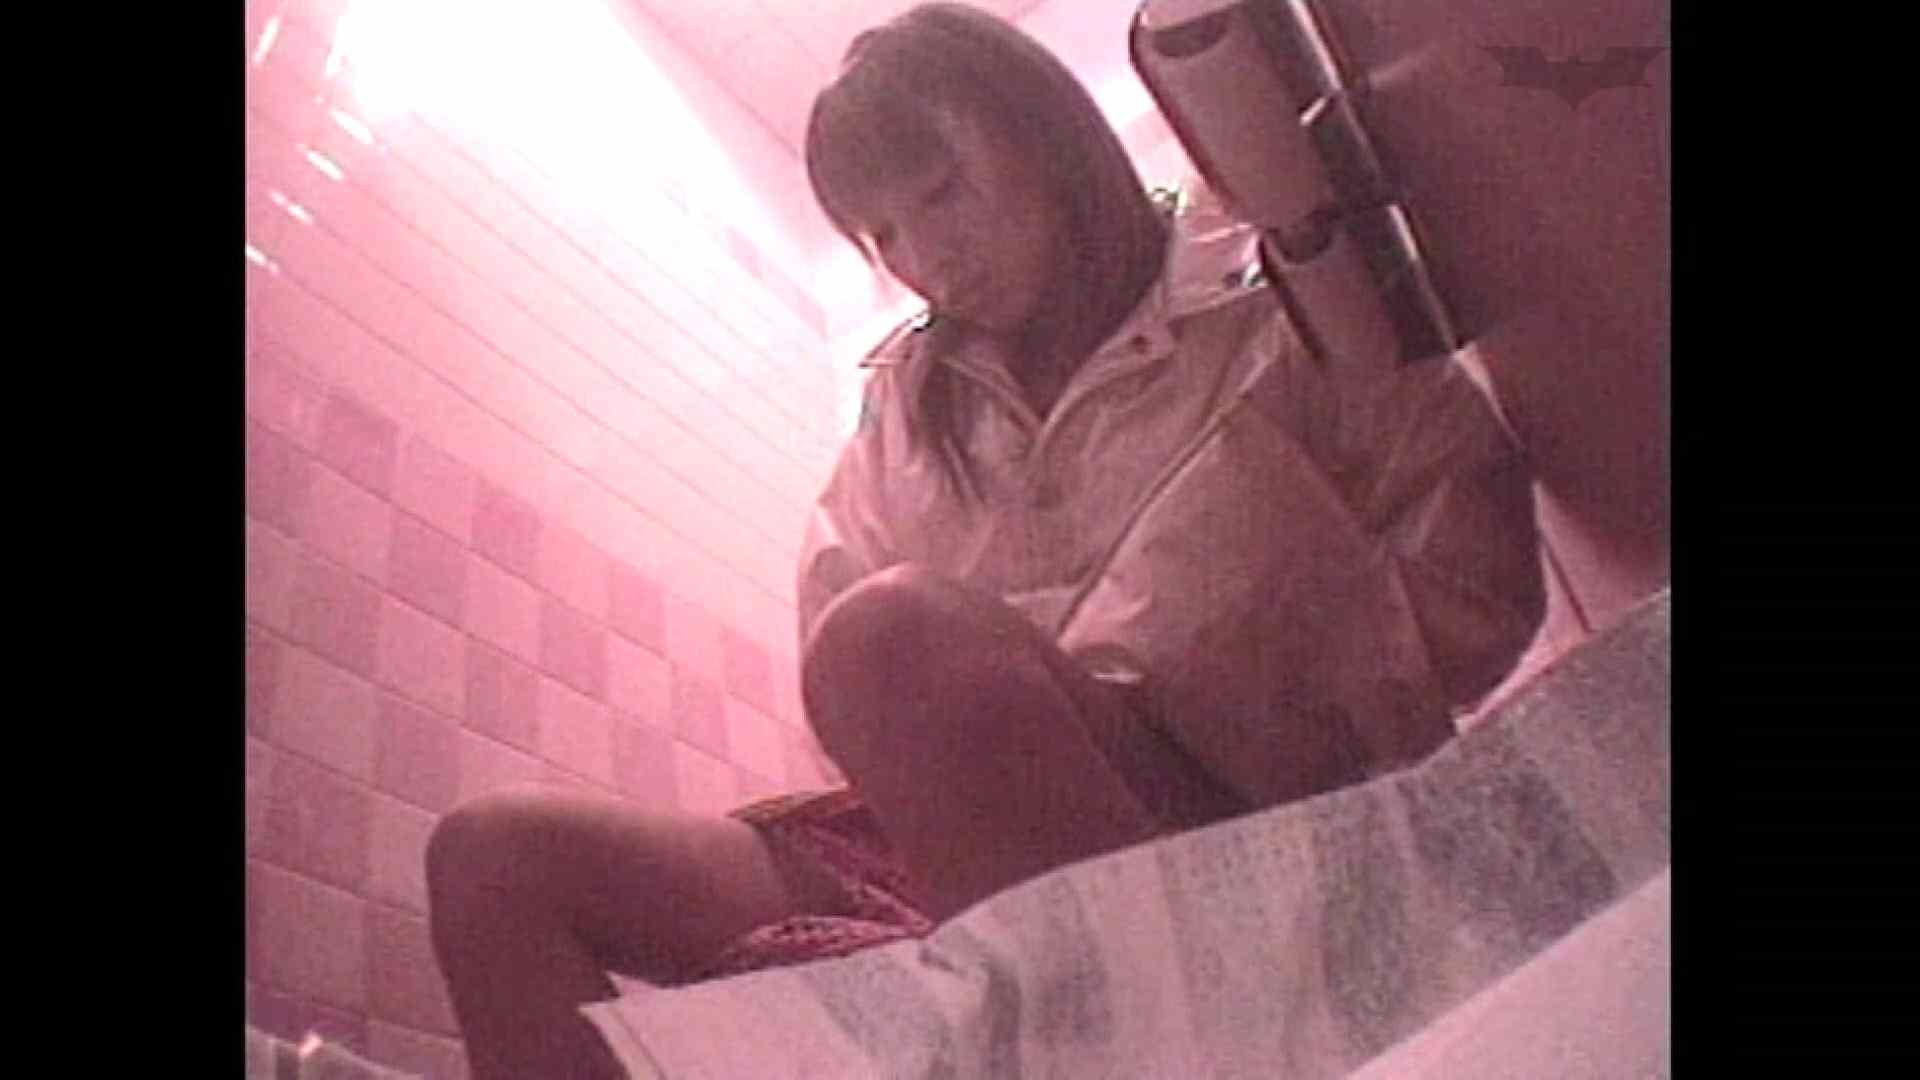 レース場での秘め事 Vol.02 洗面所シーン AV動画キャプチャ 84画像 4